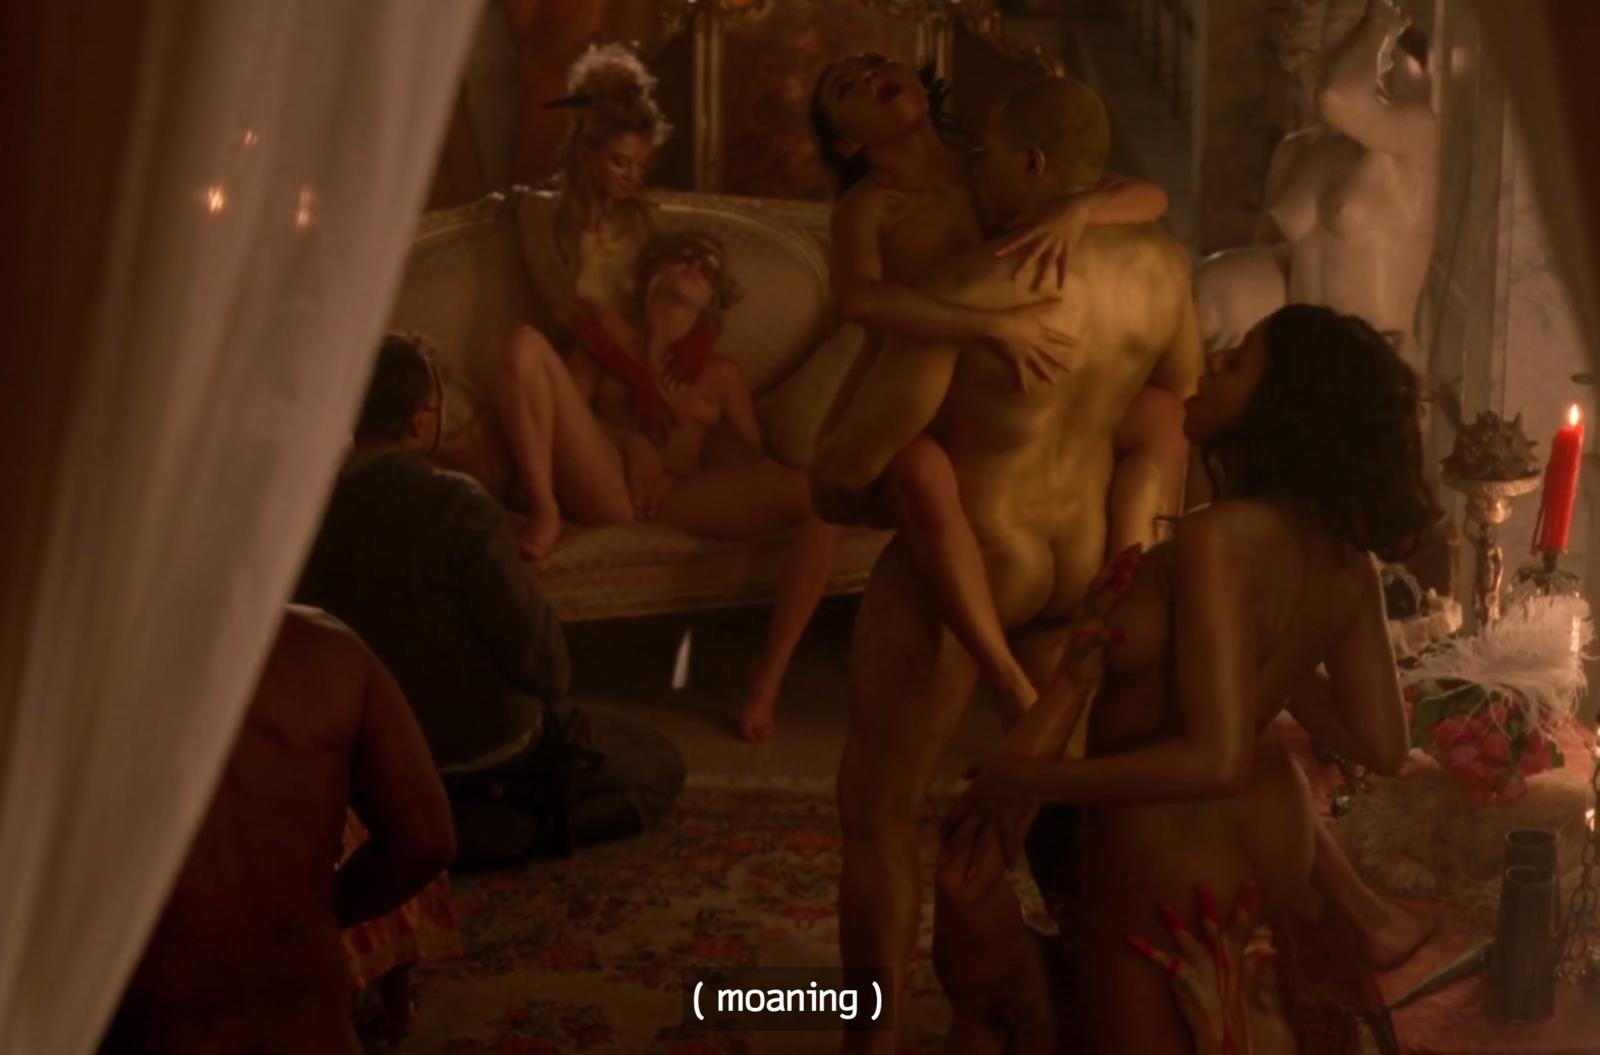 Uncensored orgy scenes